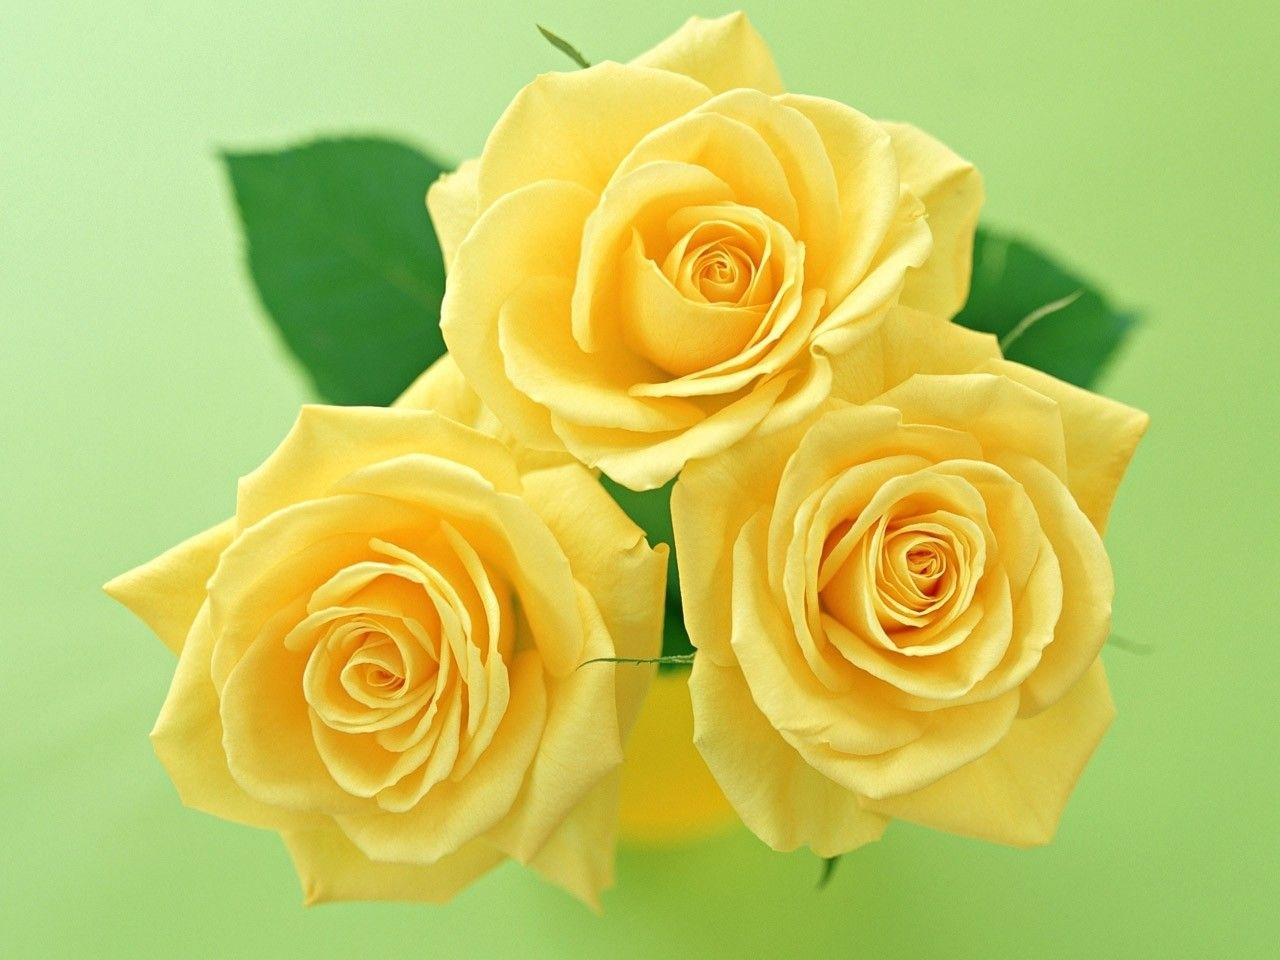 3449 скачать Желтые обои на телефон бесплатно, Открытки, Растения, Цветы, Розы Желтые картинки и заставки на мобильный